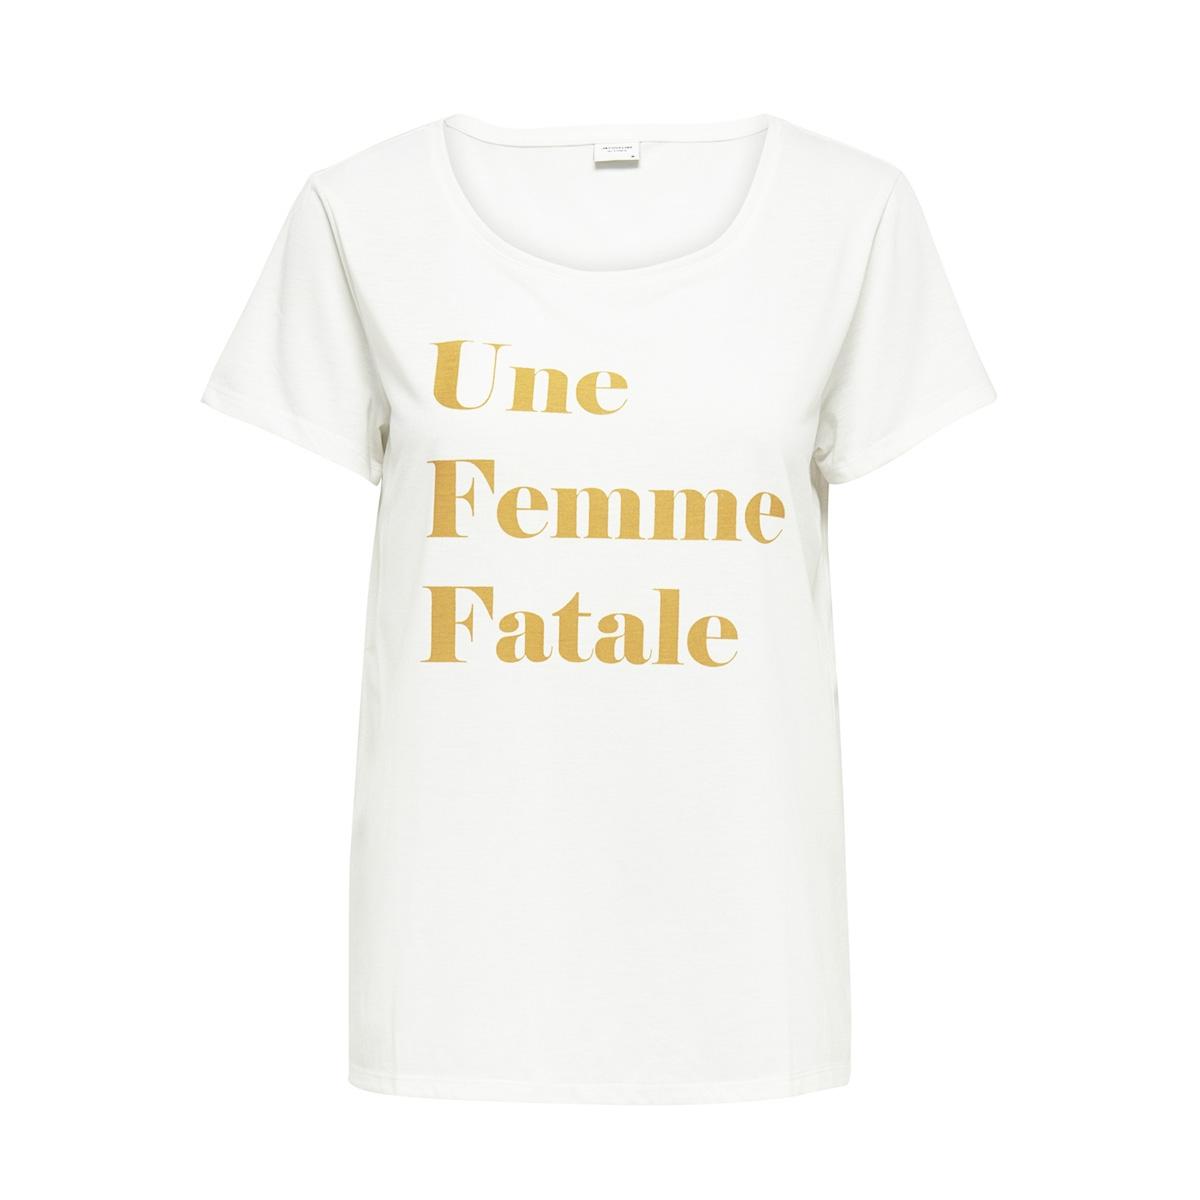 jdycity icon print s/s top jrs 15175243 jacqueline de yong t-shirt cloud dancer/femme